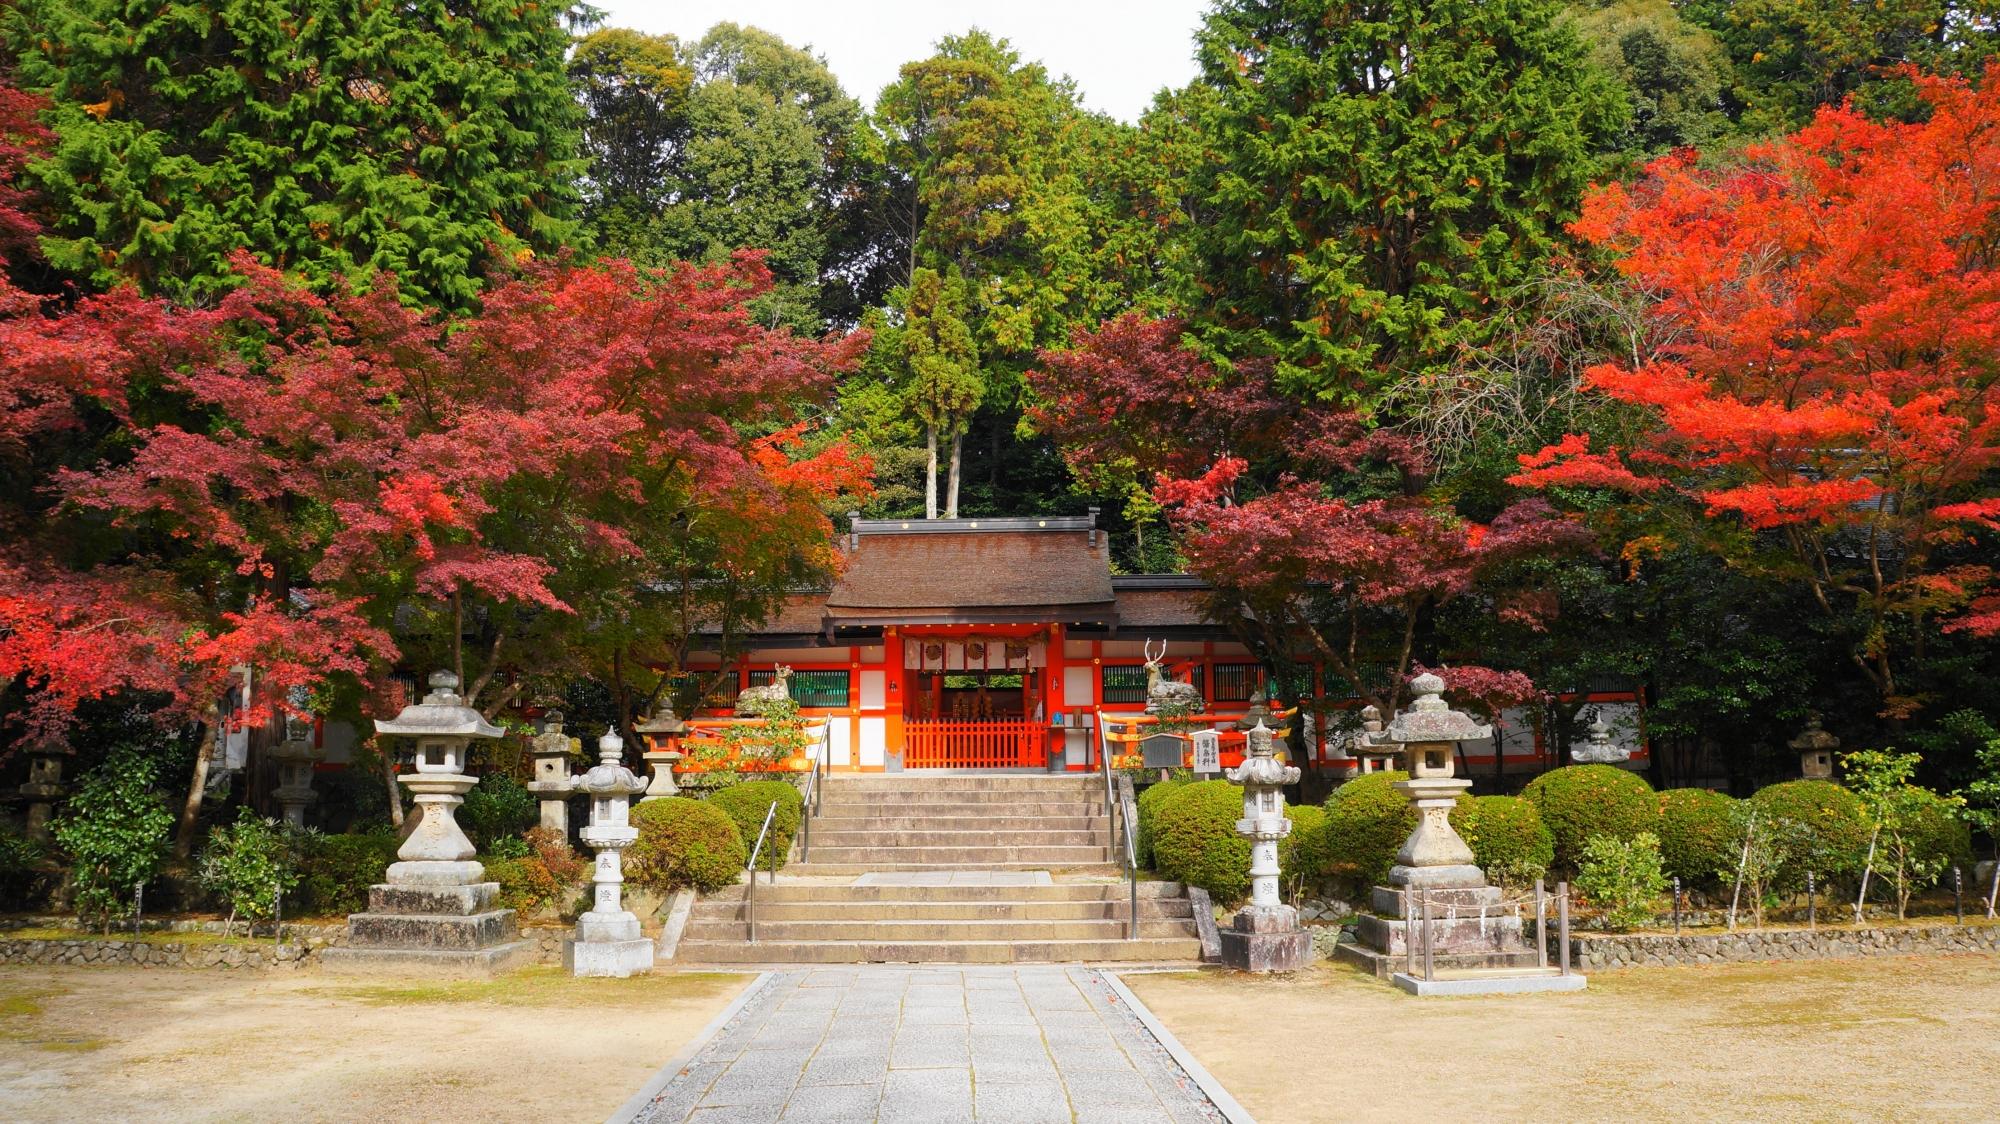 大原野神社の本殿の紅葉と背景の緑